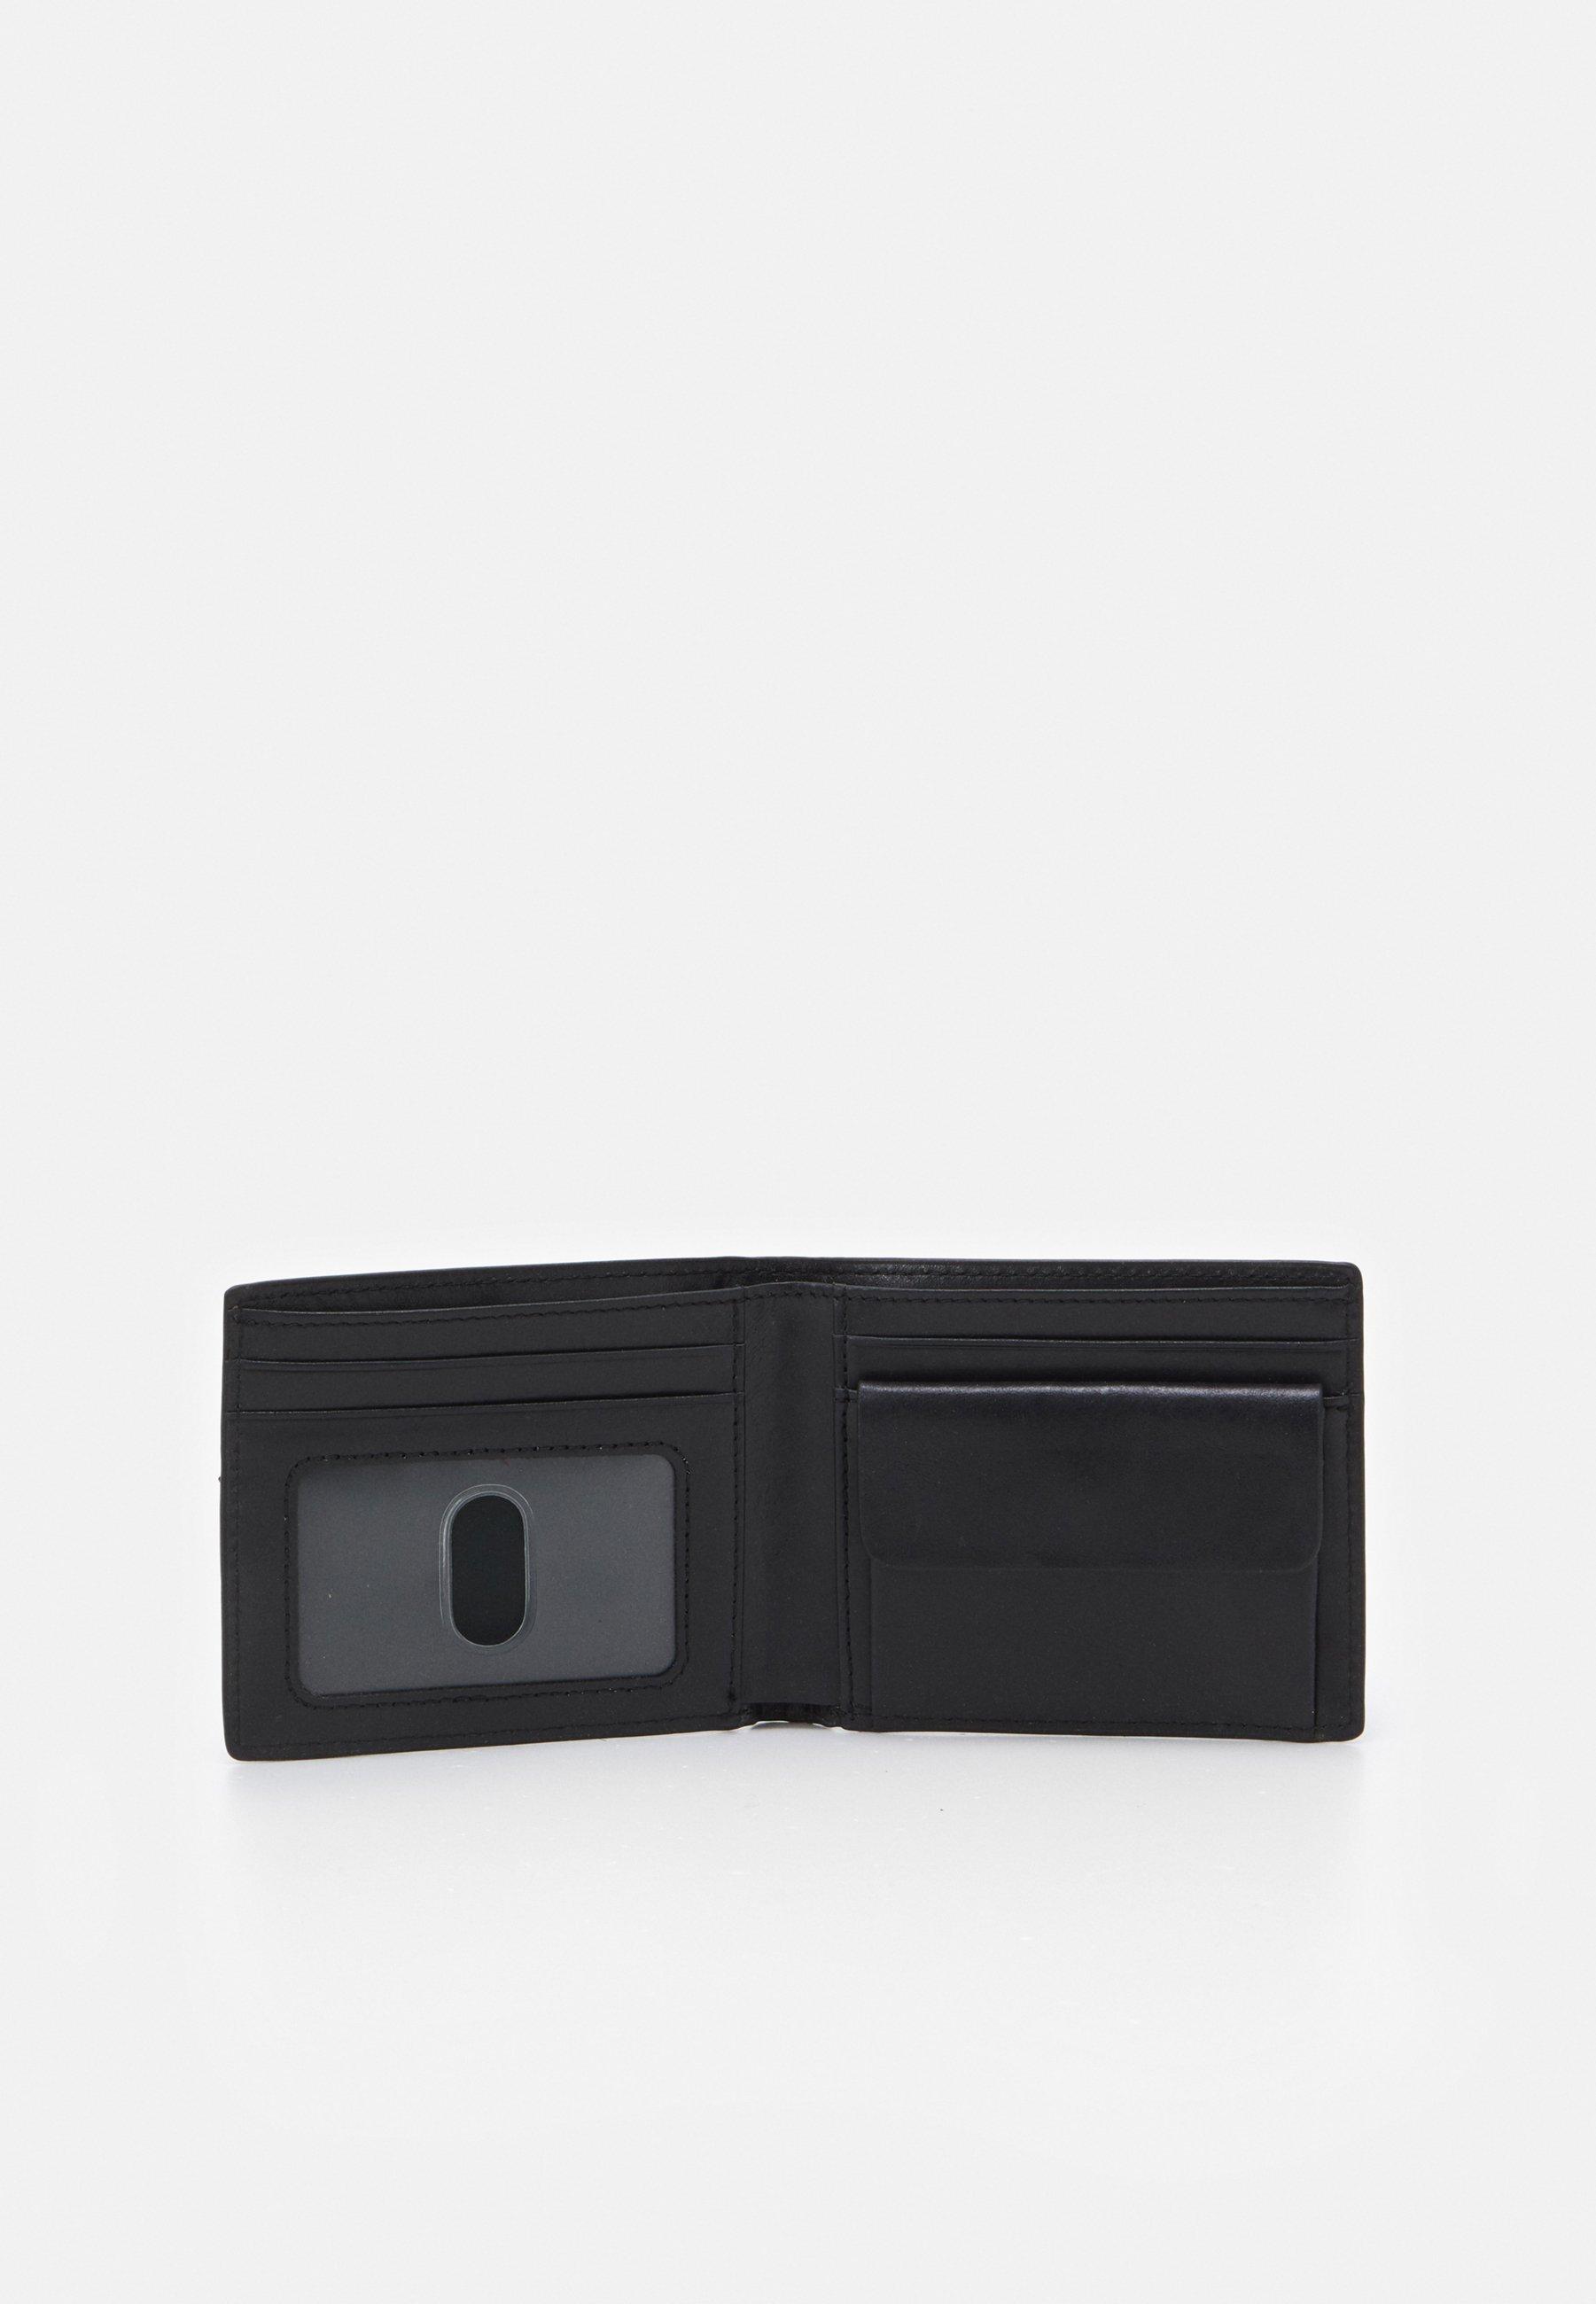 Fossil COIN POCKET BIFOLD - Geldbörse - black/schwarz - Herrentaschen u9zAb